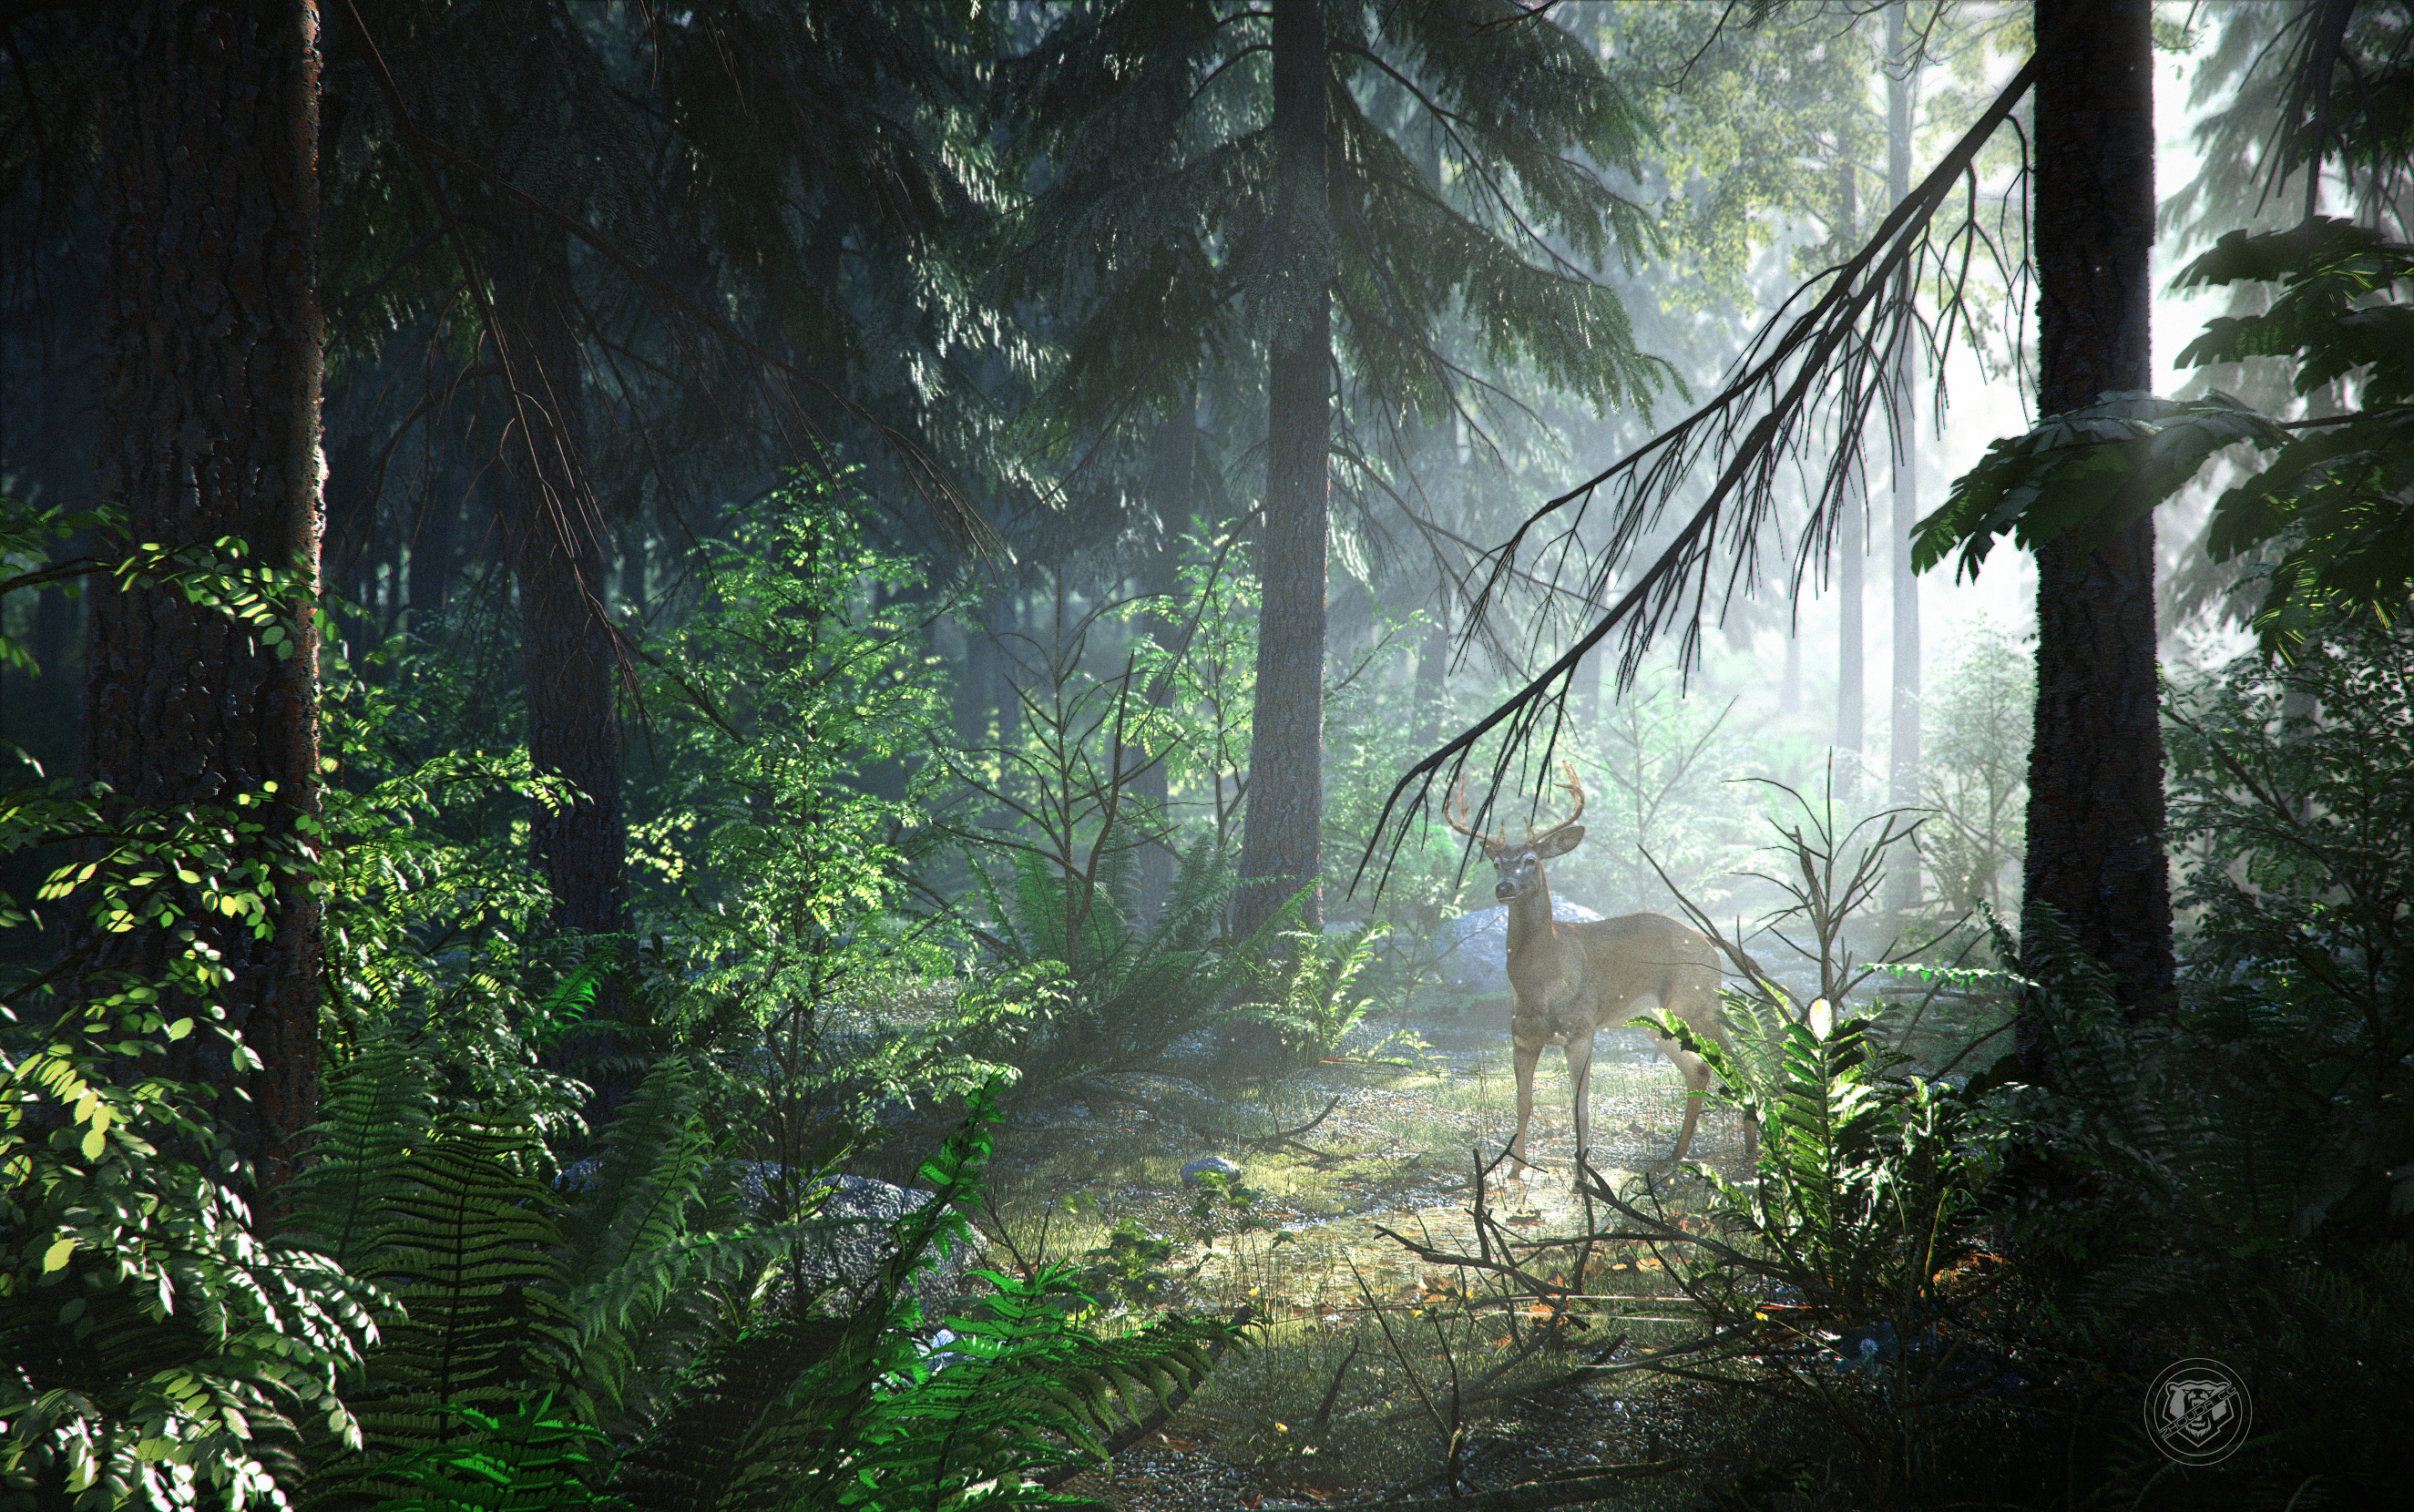 壁纸 风景 森林 桌面 2650_1660